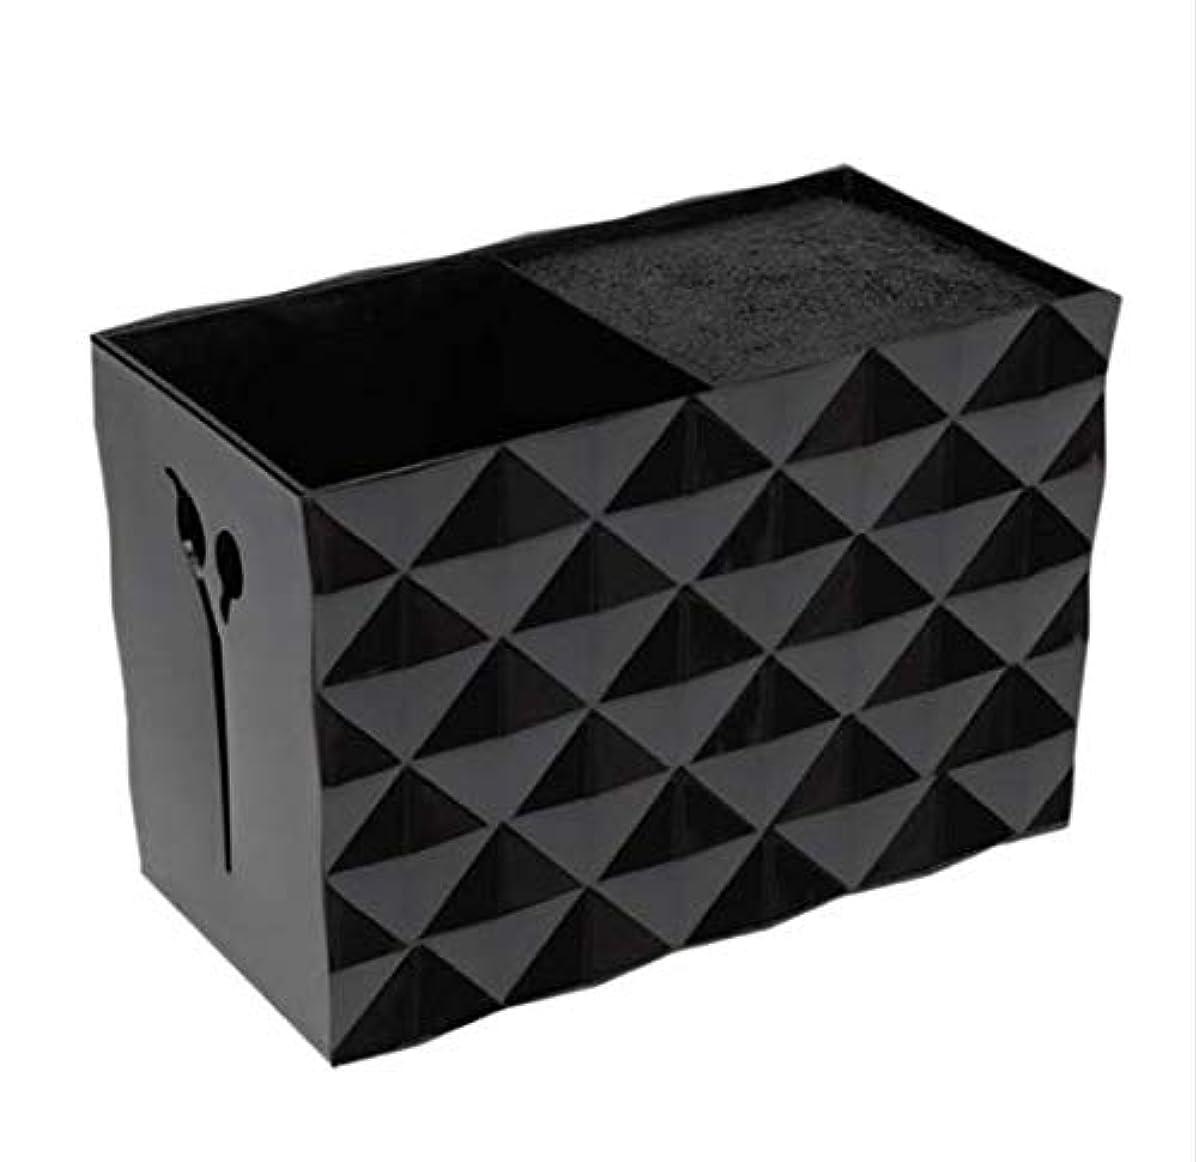 絡み合い石灰岩コピーLivemarket プロのアクセサリー非スリップソケット髪シザー櫛ポットスタンドケーススタイリングサロンヘアクリップ人気の収納ボックス (ブラック)